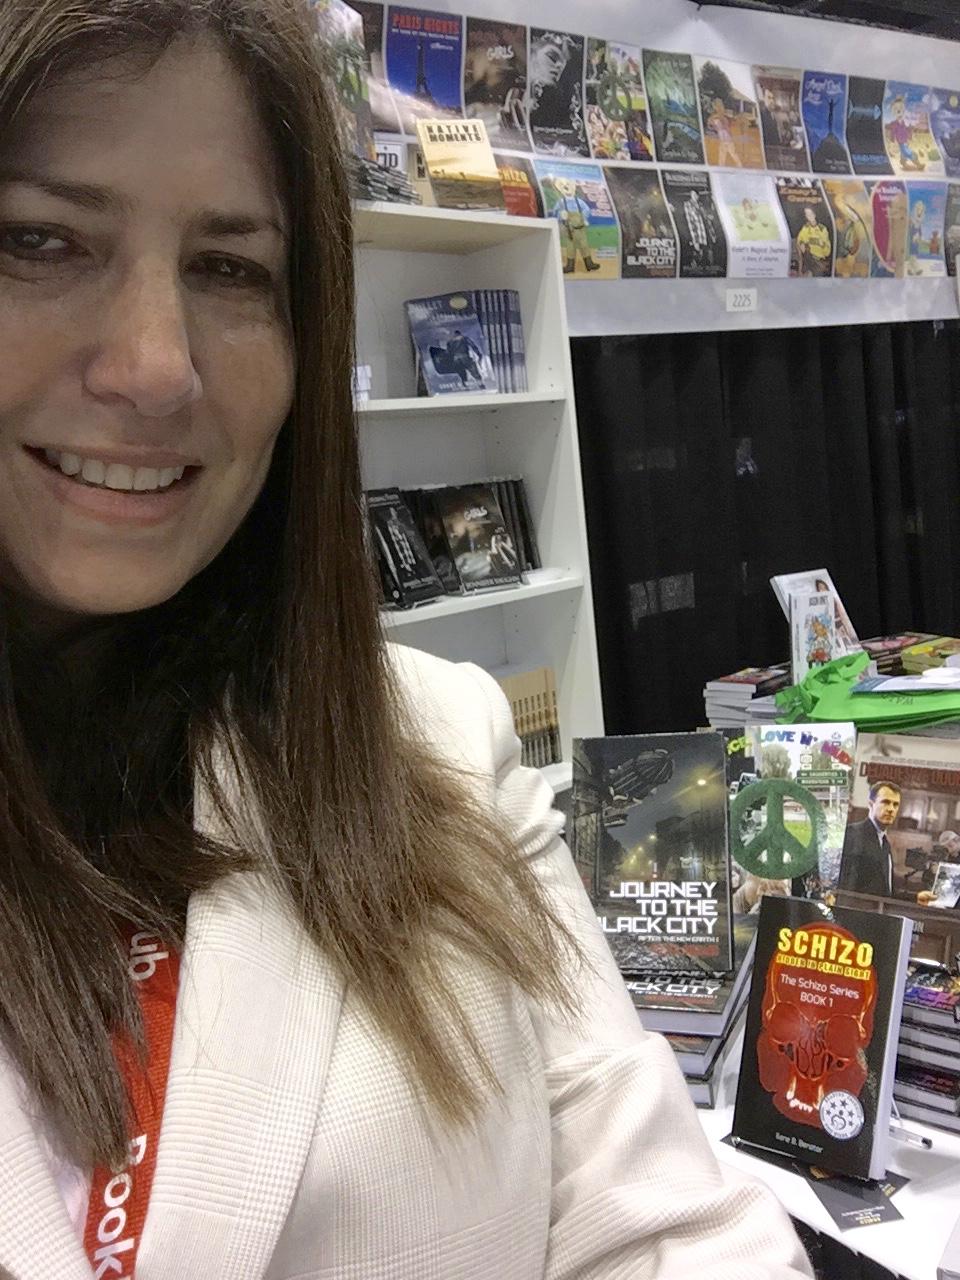 Selfie with book photobomb